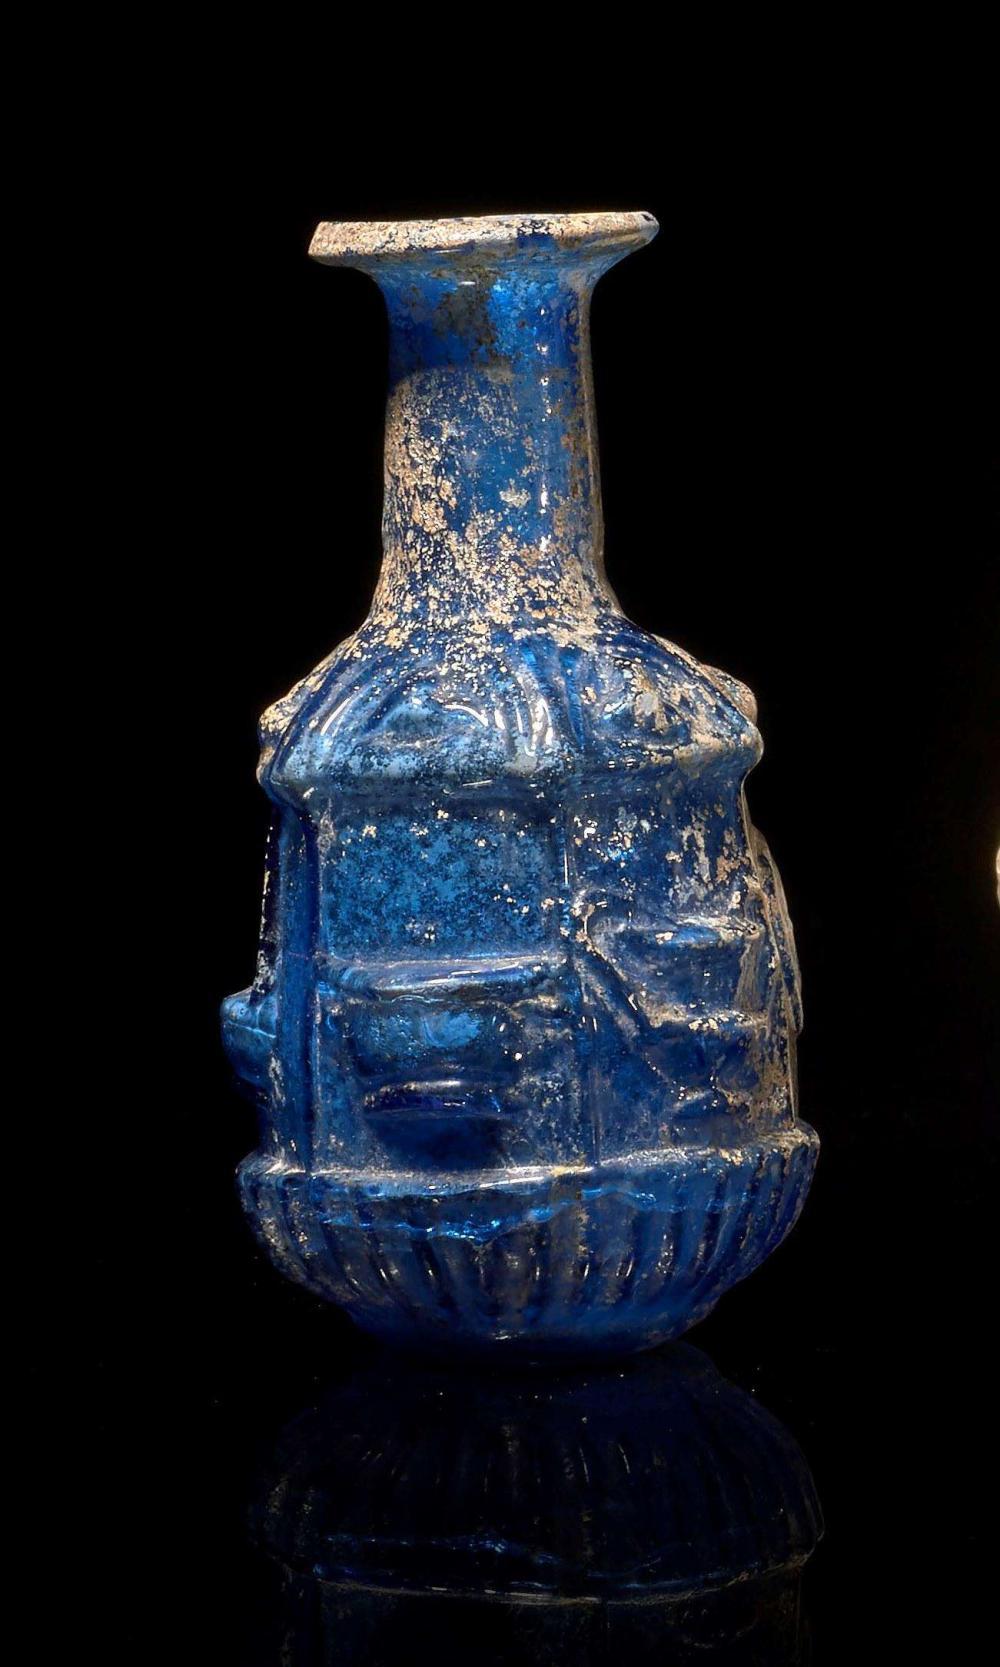 Flacon d cor de vases en verre moul art romain vers le for Decoration vase en verre